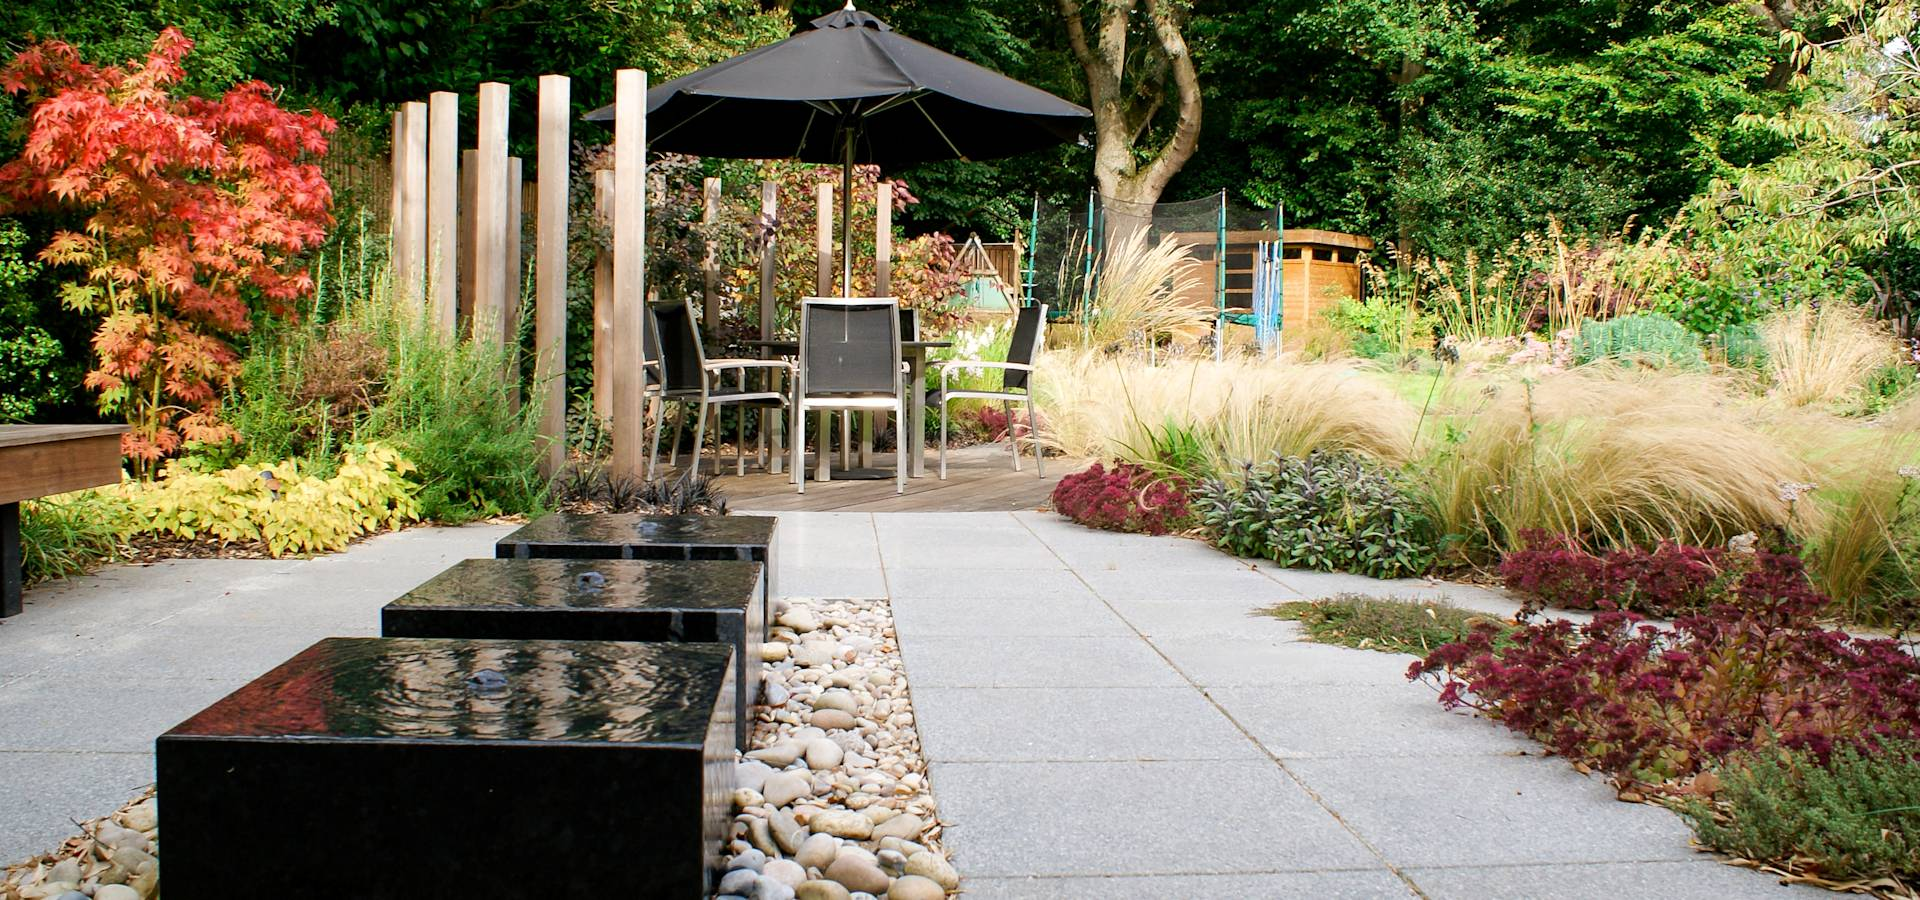 The Garden Design Harpenden Landscape Garden Design Harpenden